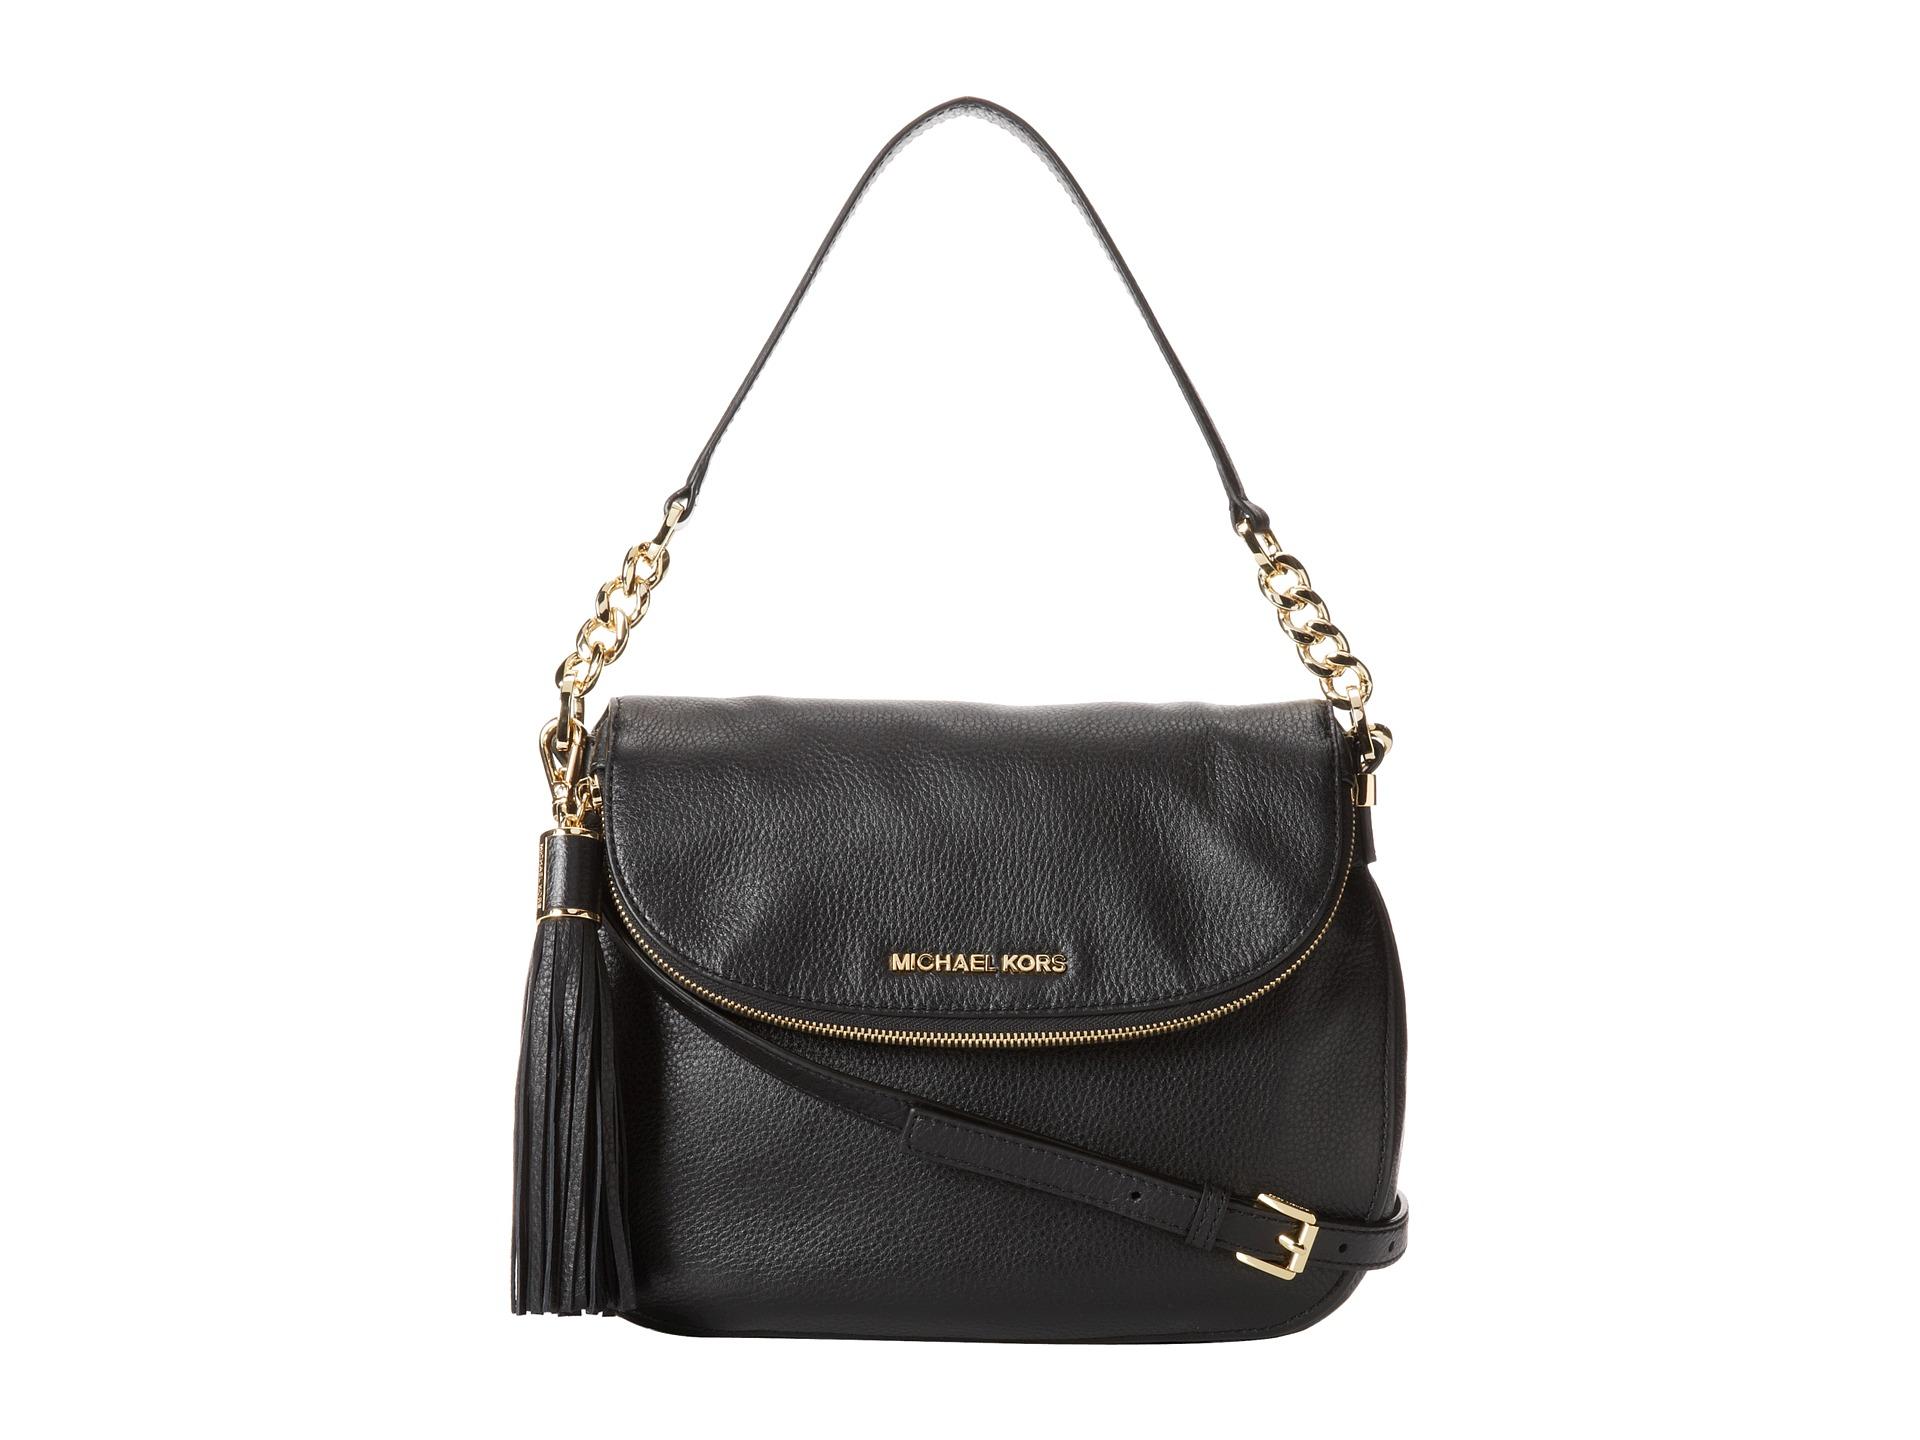 Michael Kors Bedford Black Leather Shoulder Tote Bag 114